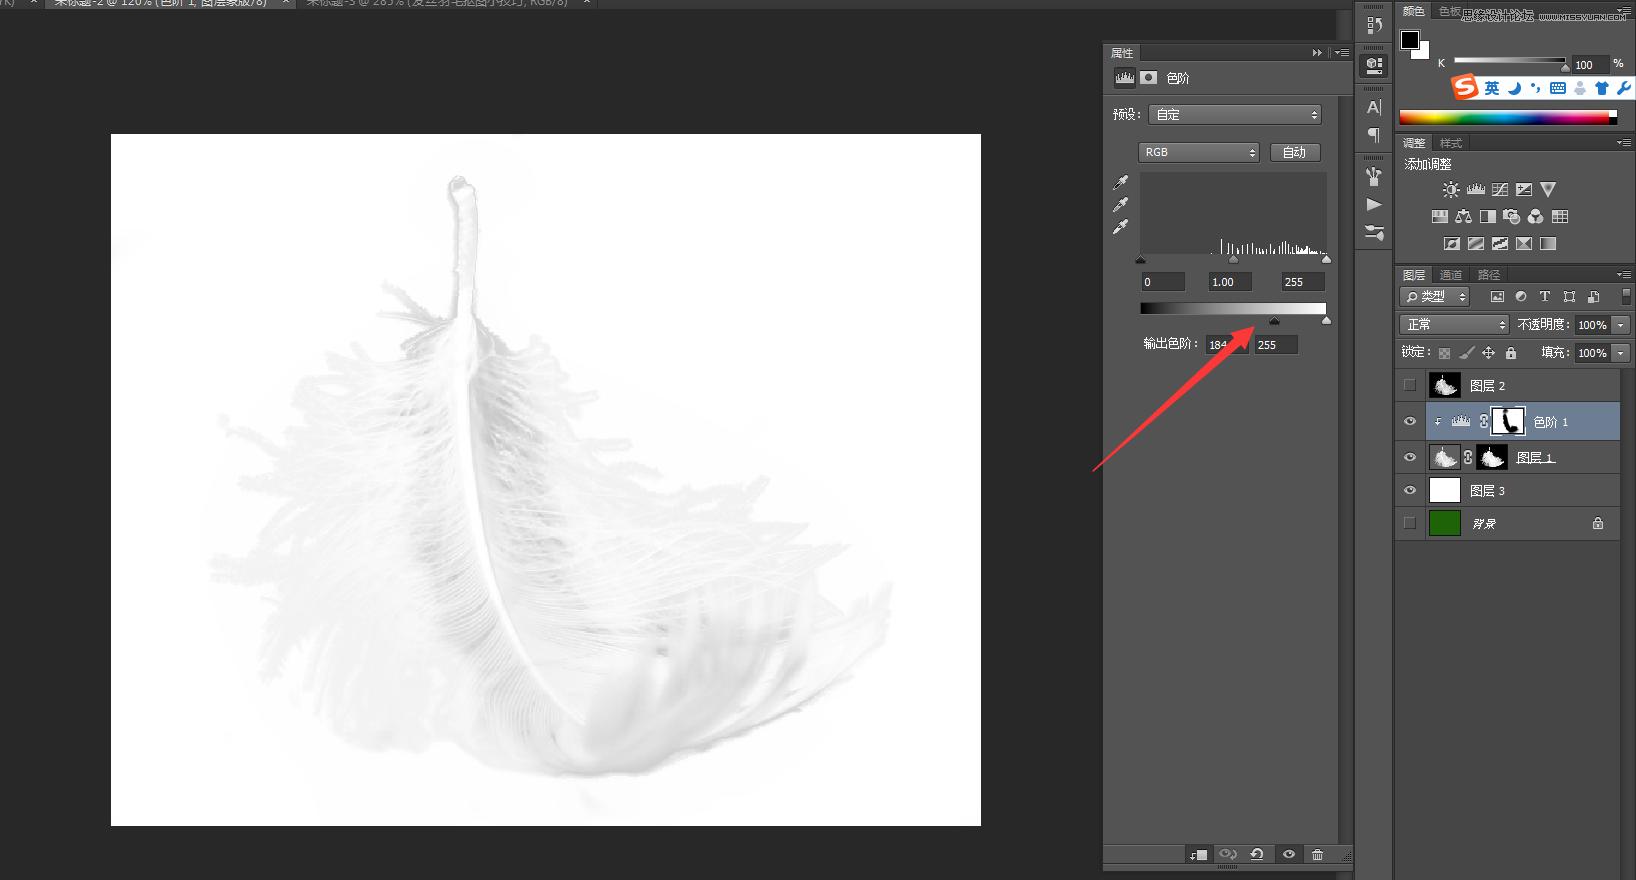 Photoshop巧用色阶快速的抠出羽毛效果图